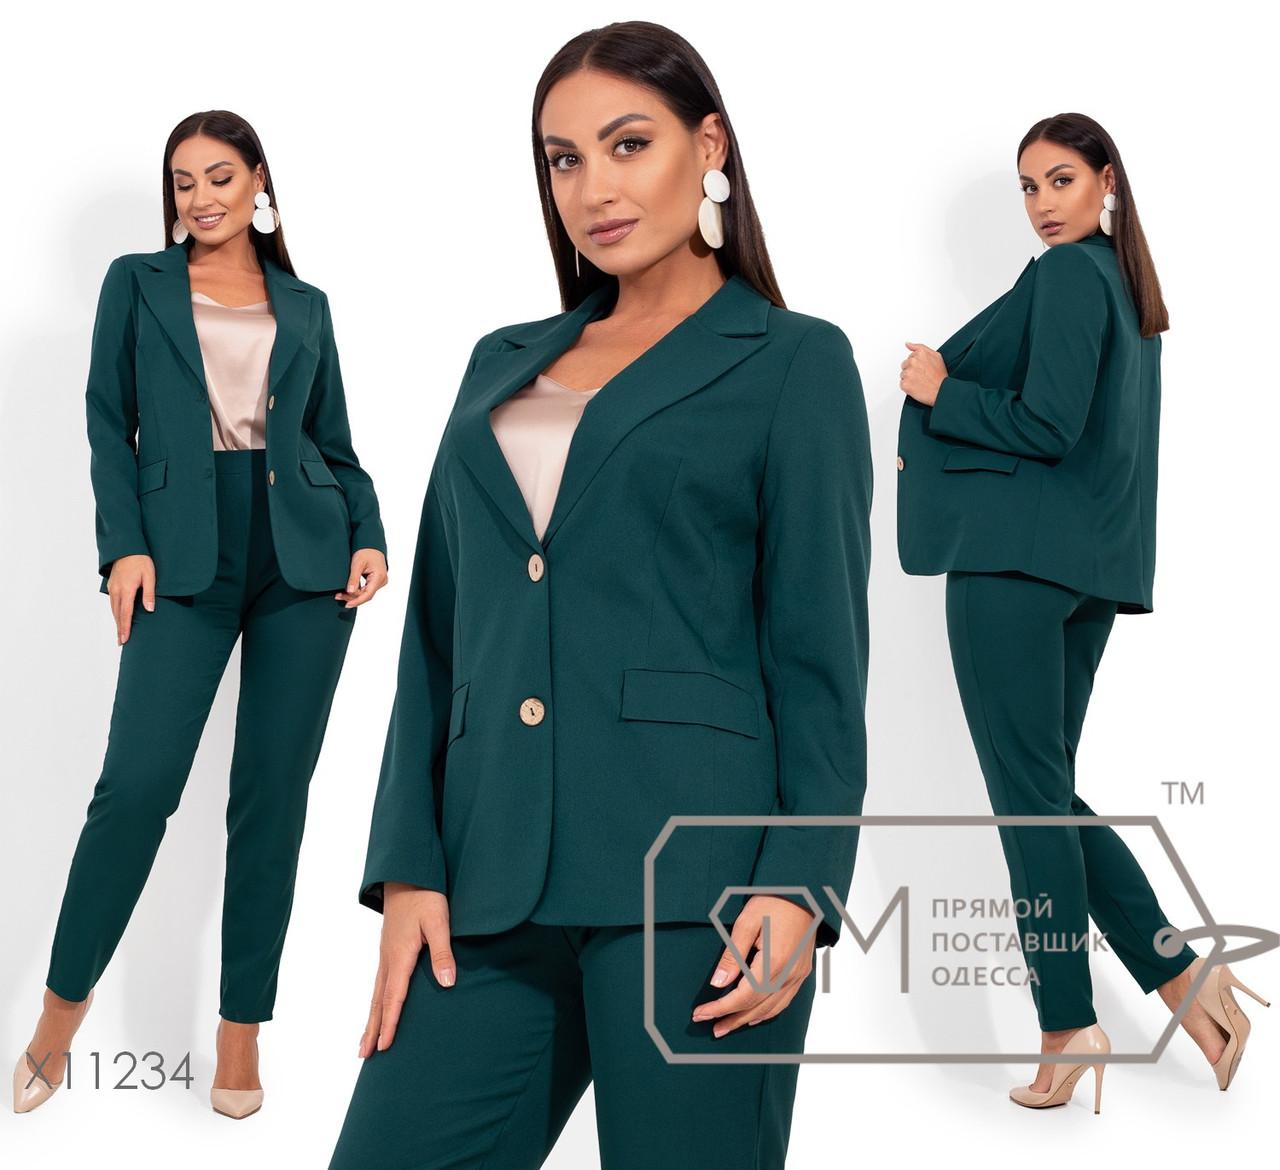 Костюм: пиджак с подкладом, лацканами, прорезными карманами в рамку, застегивается на две деревяные пуговицы, брюки зауженные, на резинке X11234